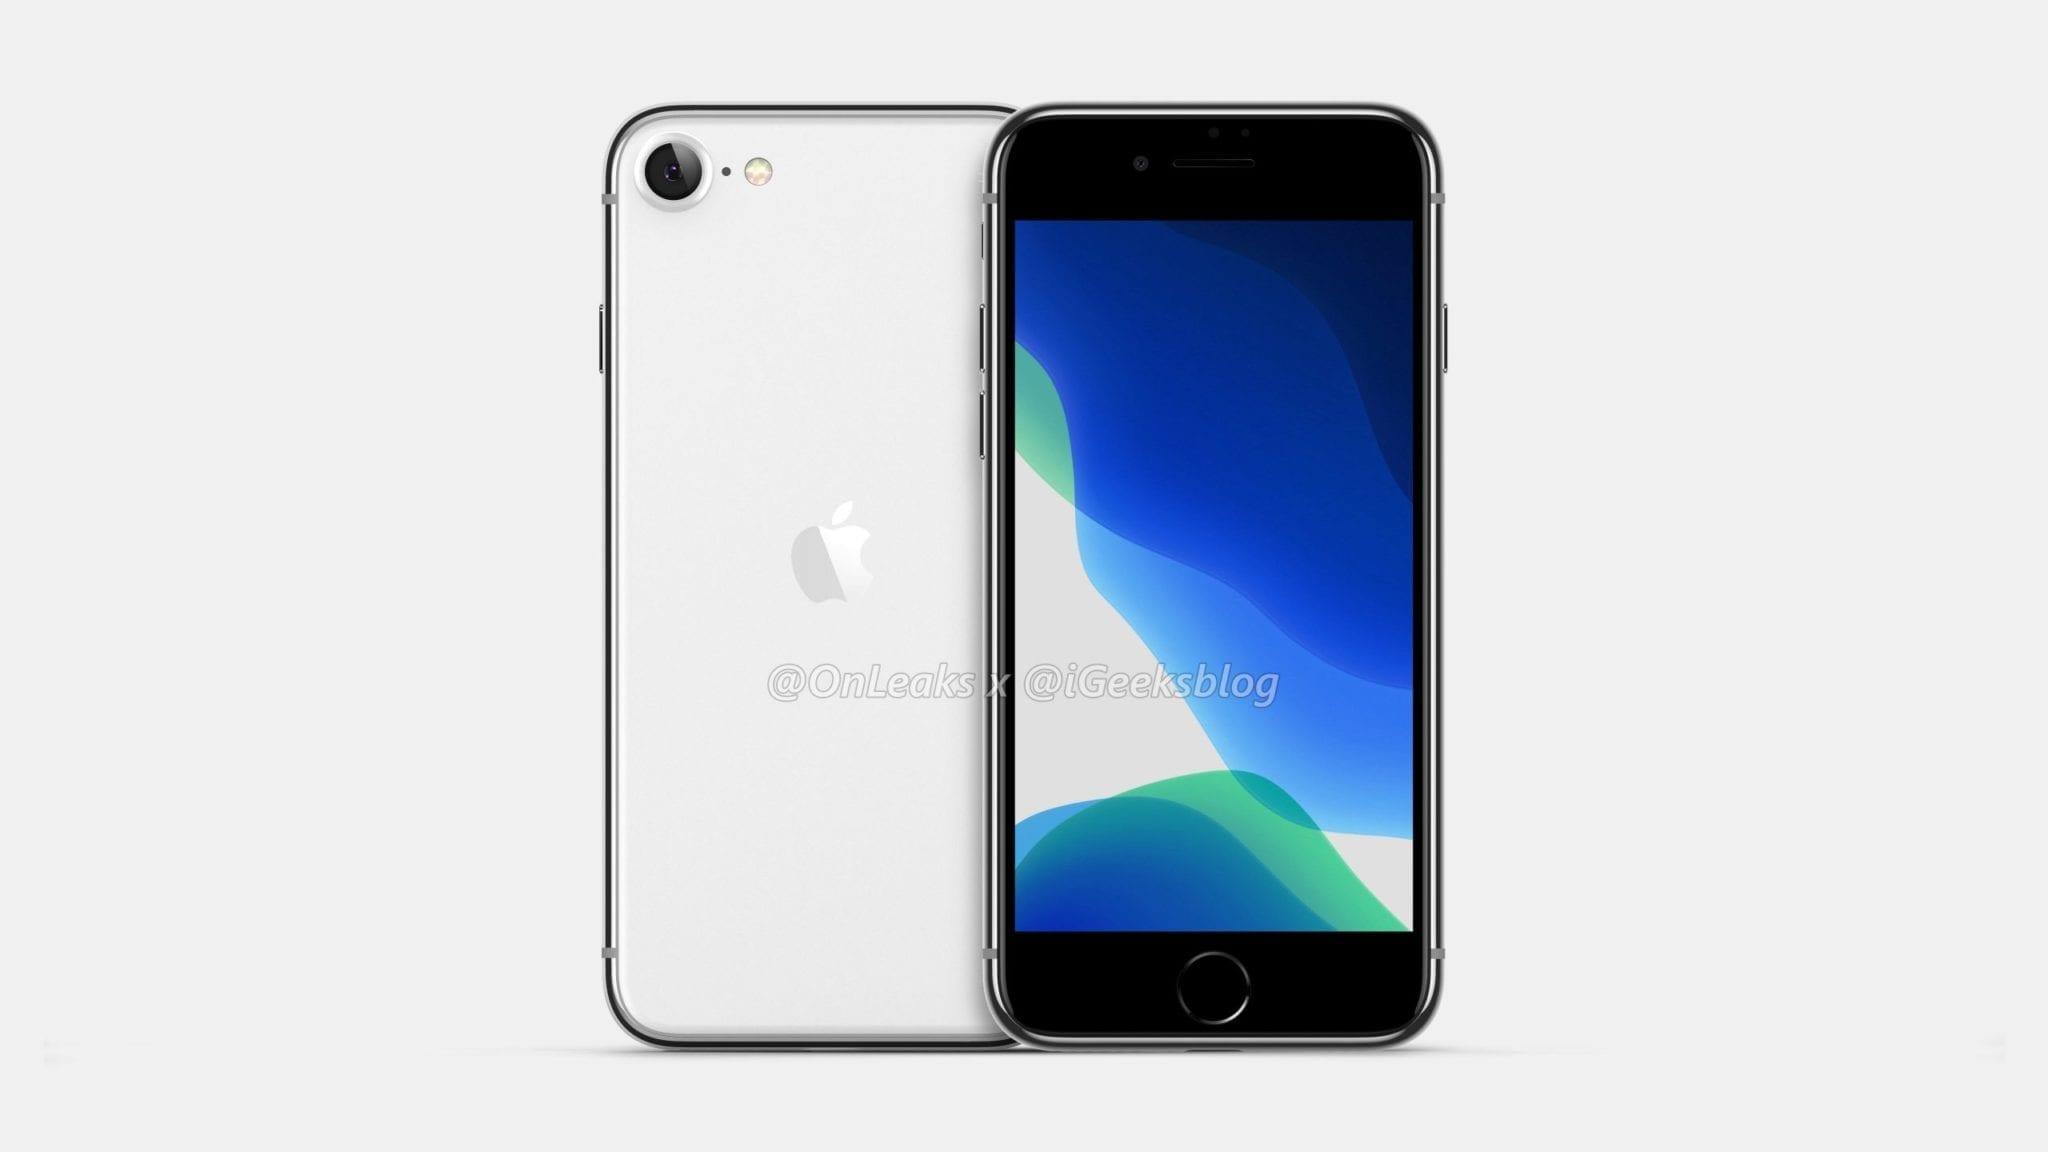 body1 2 - Čo nové vieme o iPhone SE 2